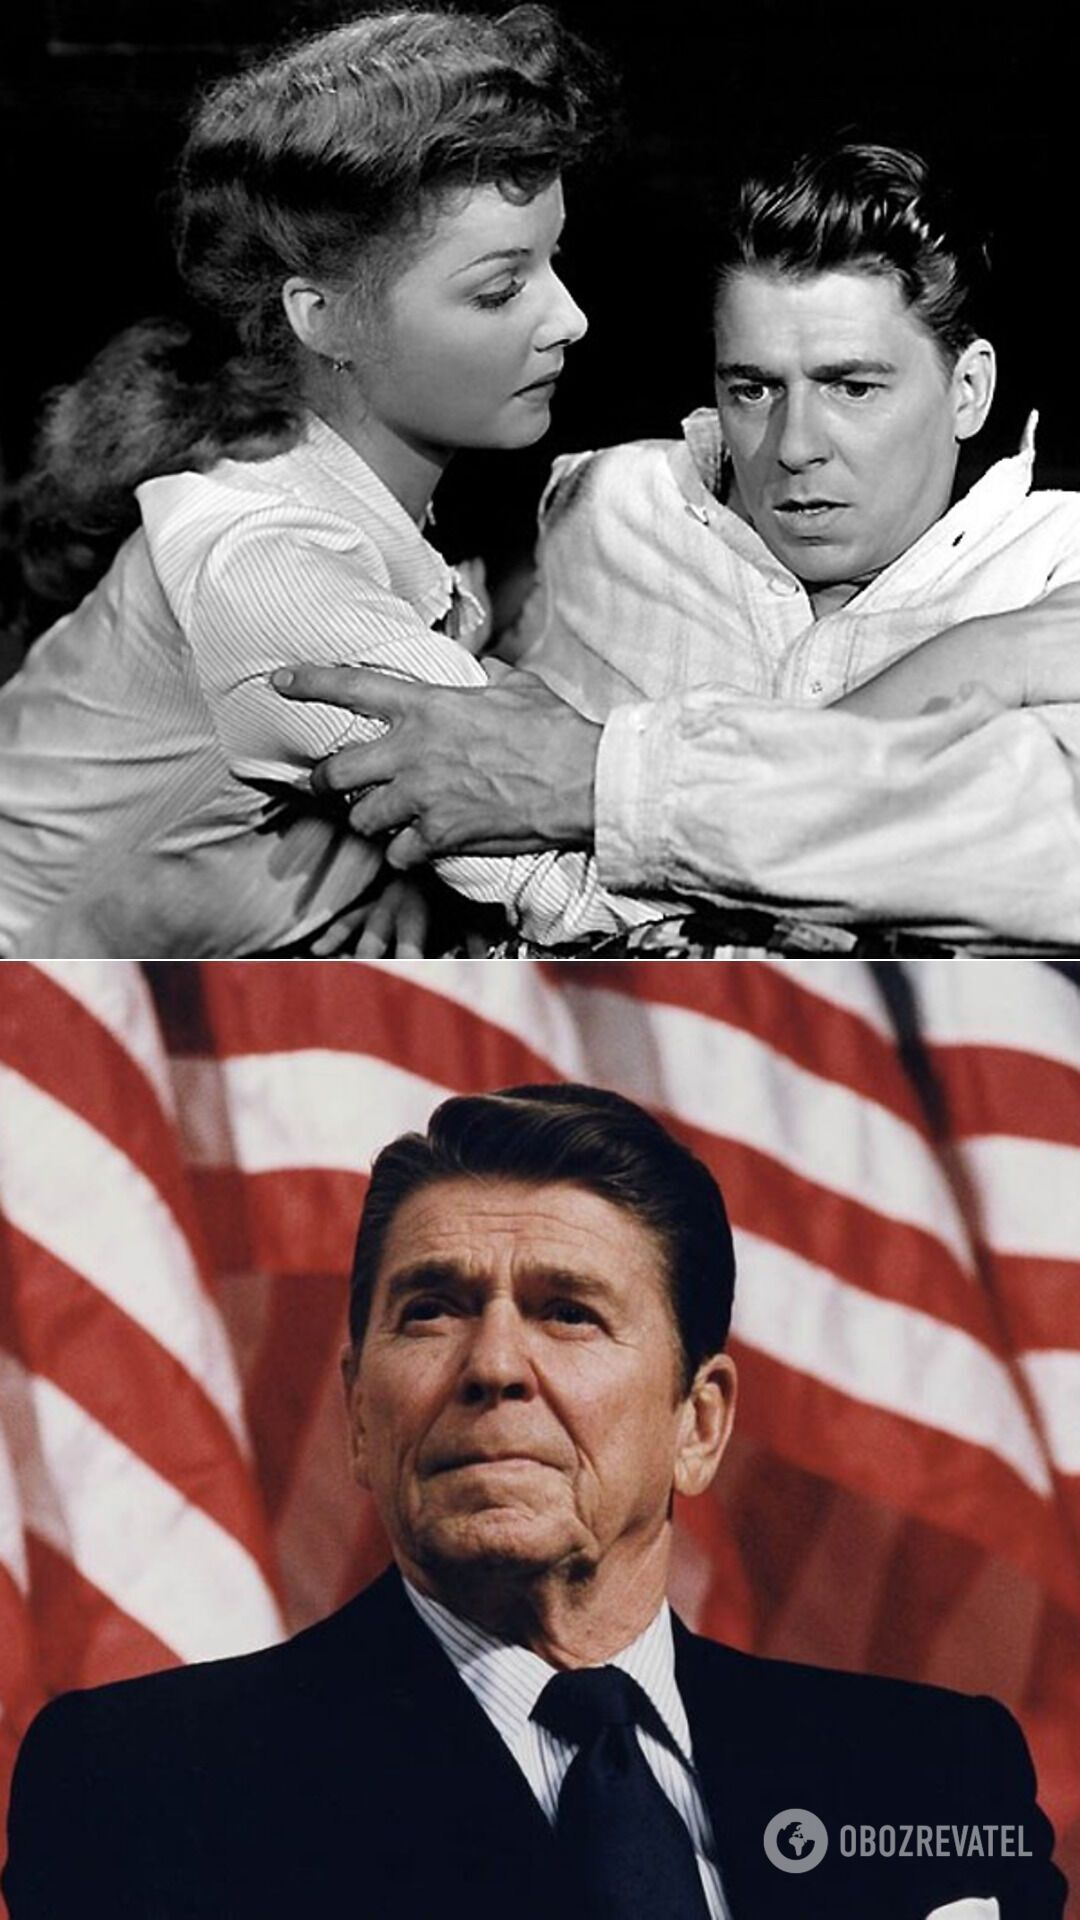 Актер и радиоведущий Рональд Рейган – 40-й президент США (1981-1989 гг.), 33-й губернатор штата Калифорня (1967-1975 гг.)